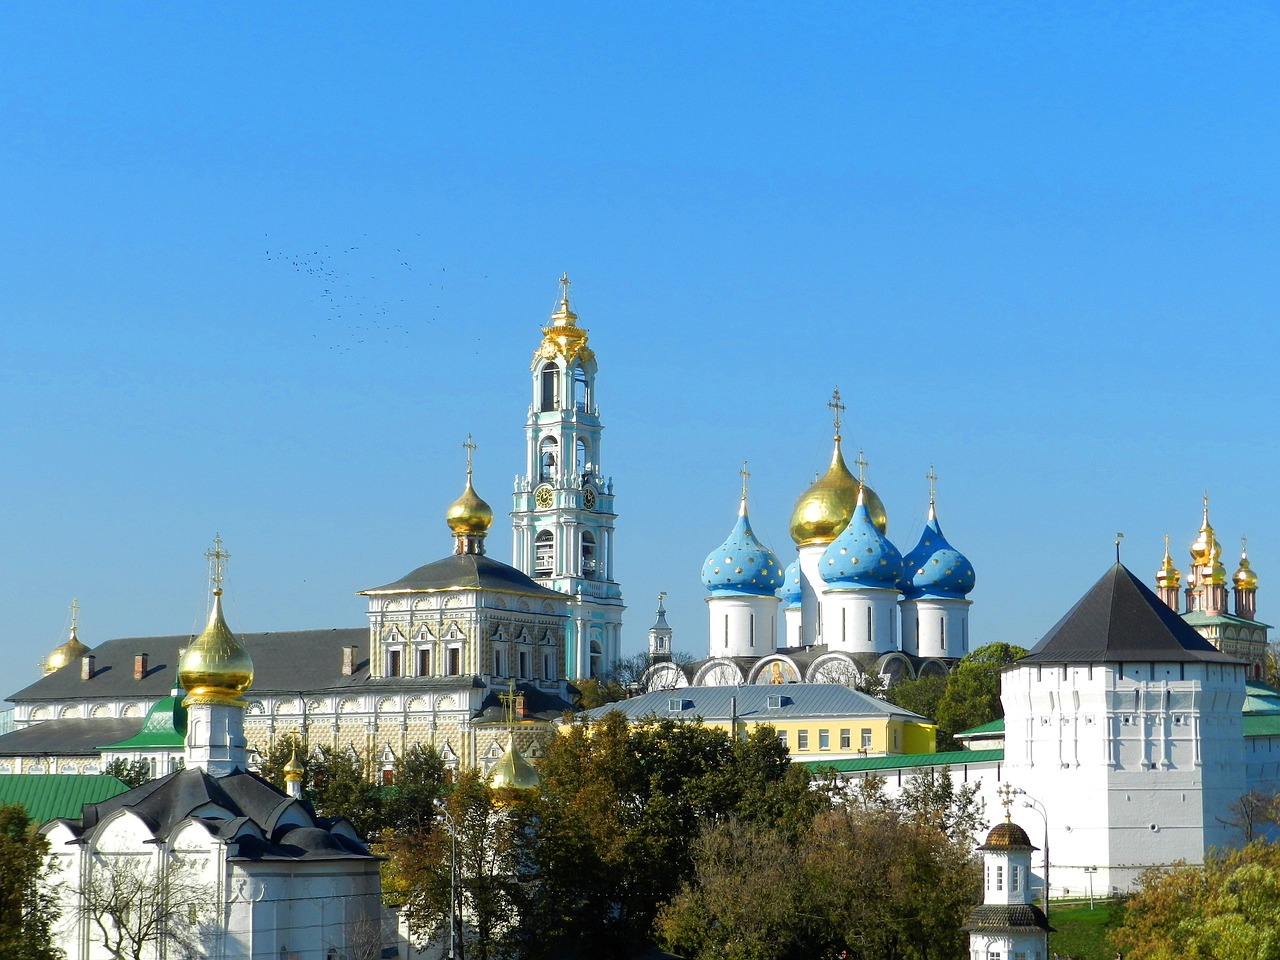 2022年 4/23 俄羅斯莫斯科+杜拜9日 4/25 莫斯科—賽吉耶夫鎮 SERGIEV POSAD—莫斯科馬戲團表演